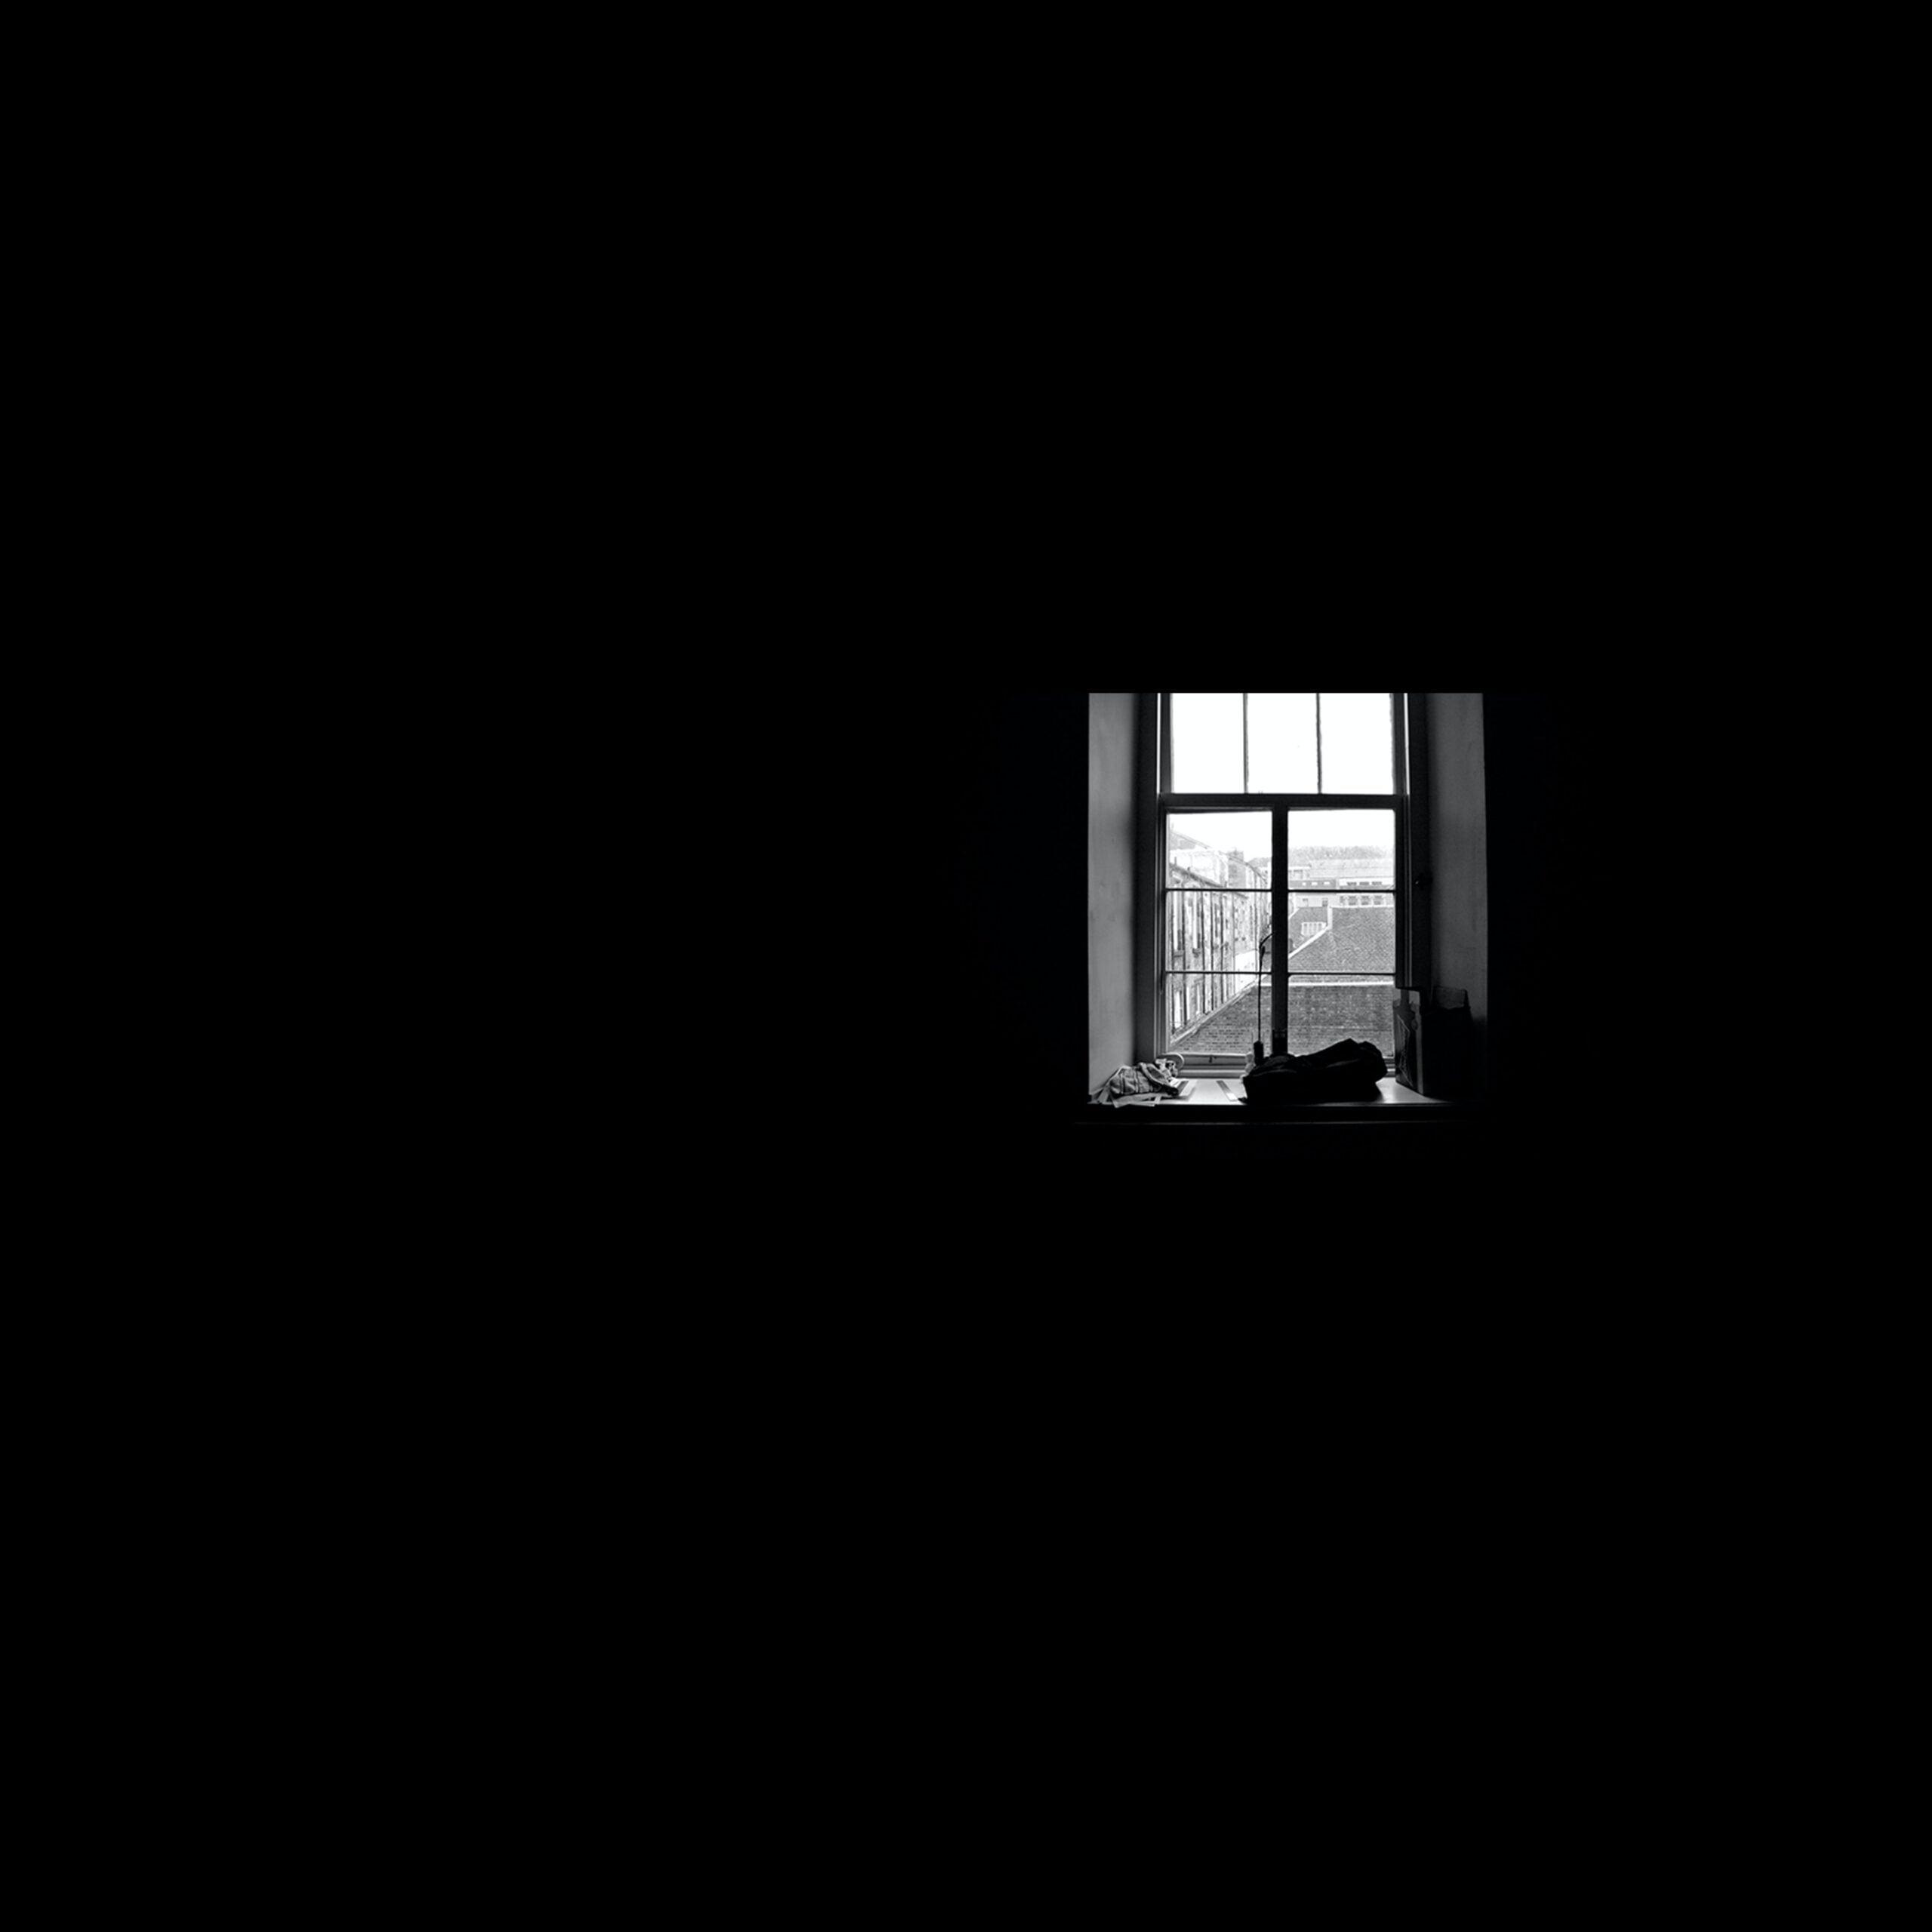 Dark Wallpapers